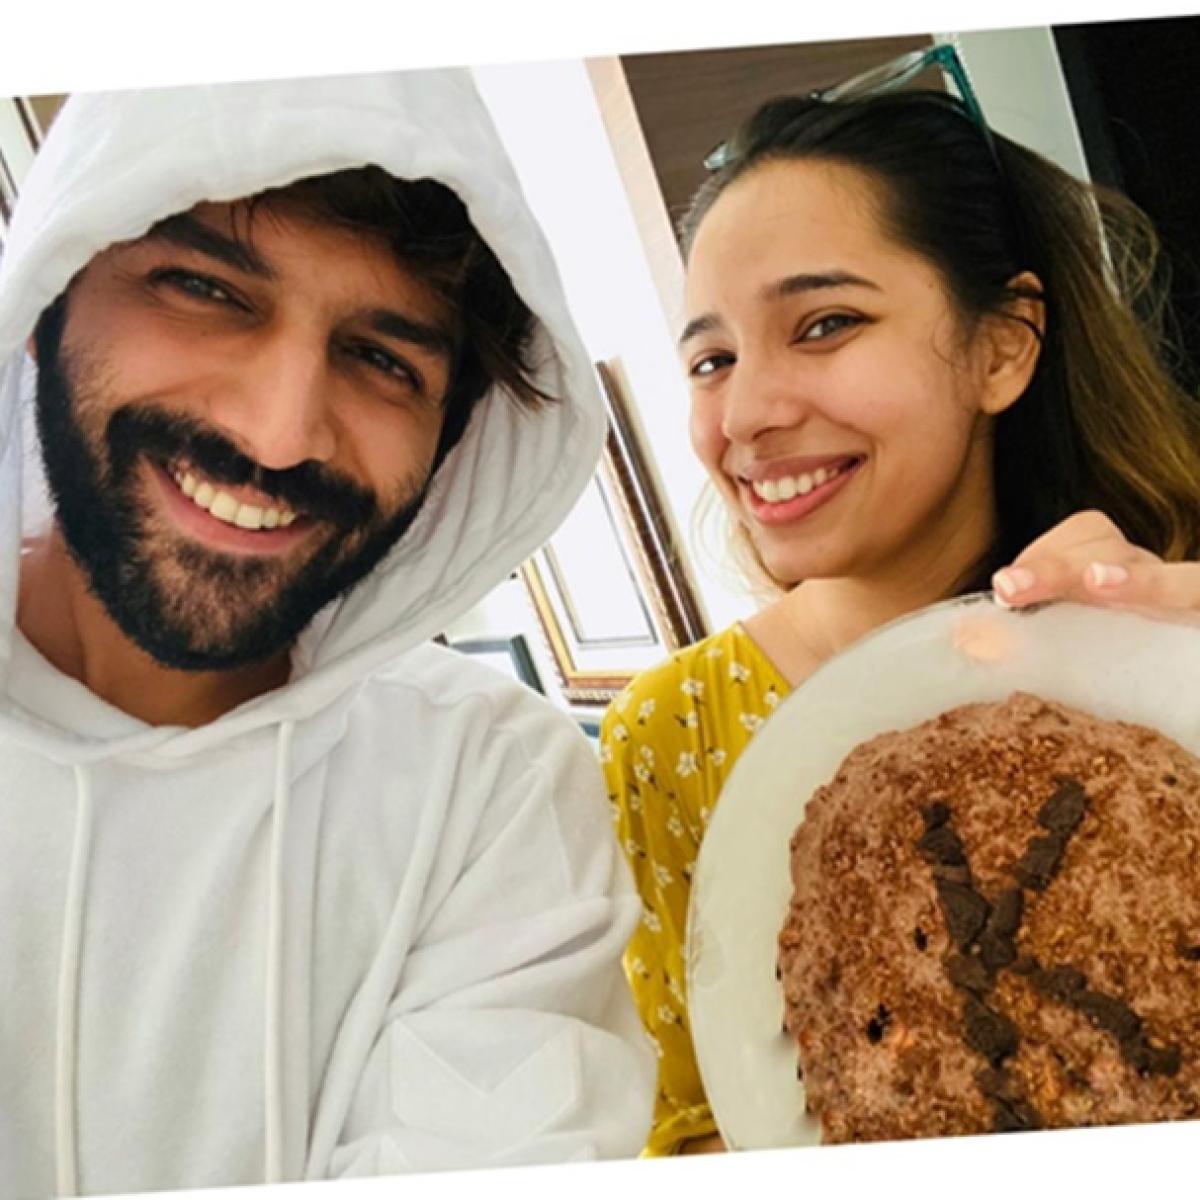 Chota cake bada biscuit ban gaya': Kartik Aaryan shares his 'baking fail' moment on sister's birthday